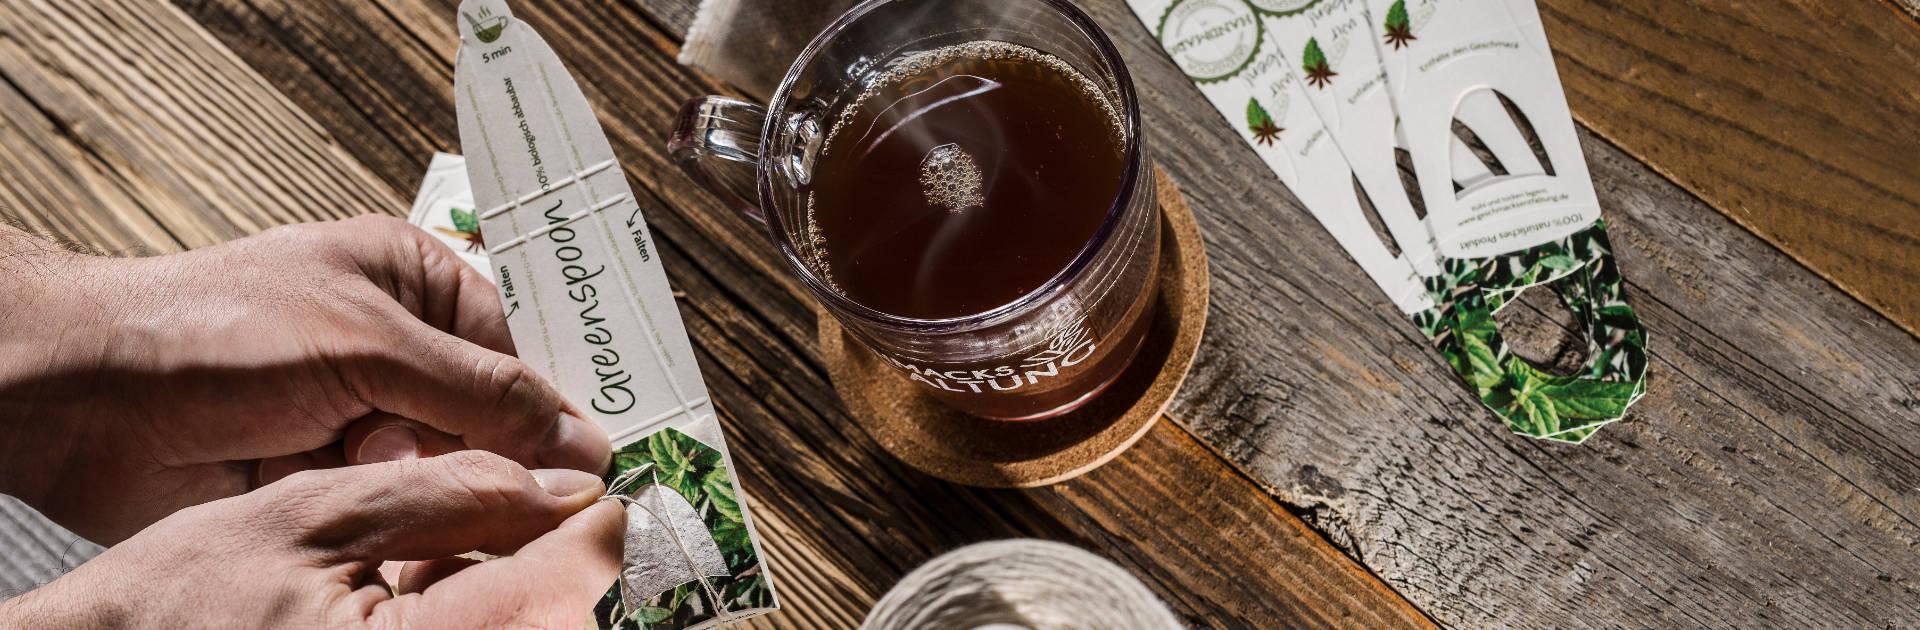 Zubereitung wie mit einem Teebeutel. Umrühren könnt ihr mit Greenspoon natürlich auch. (Foto: Geschmacksentfaltung GmbH)